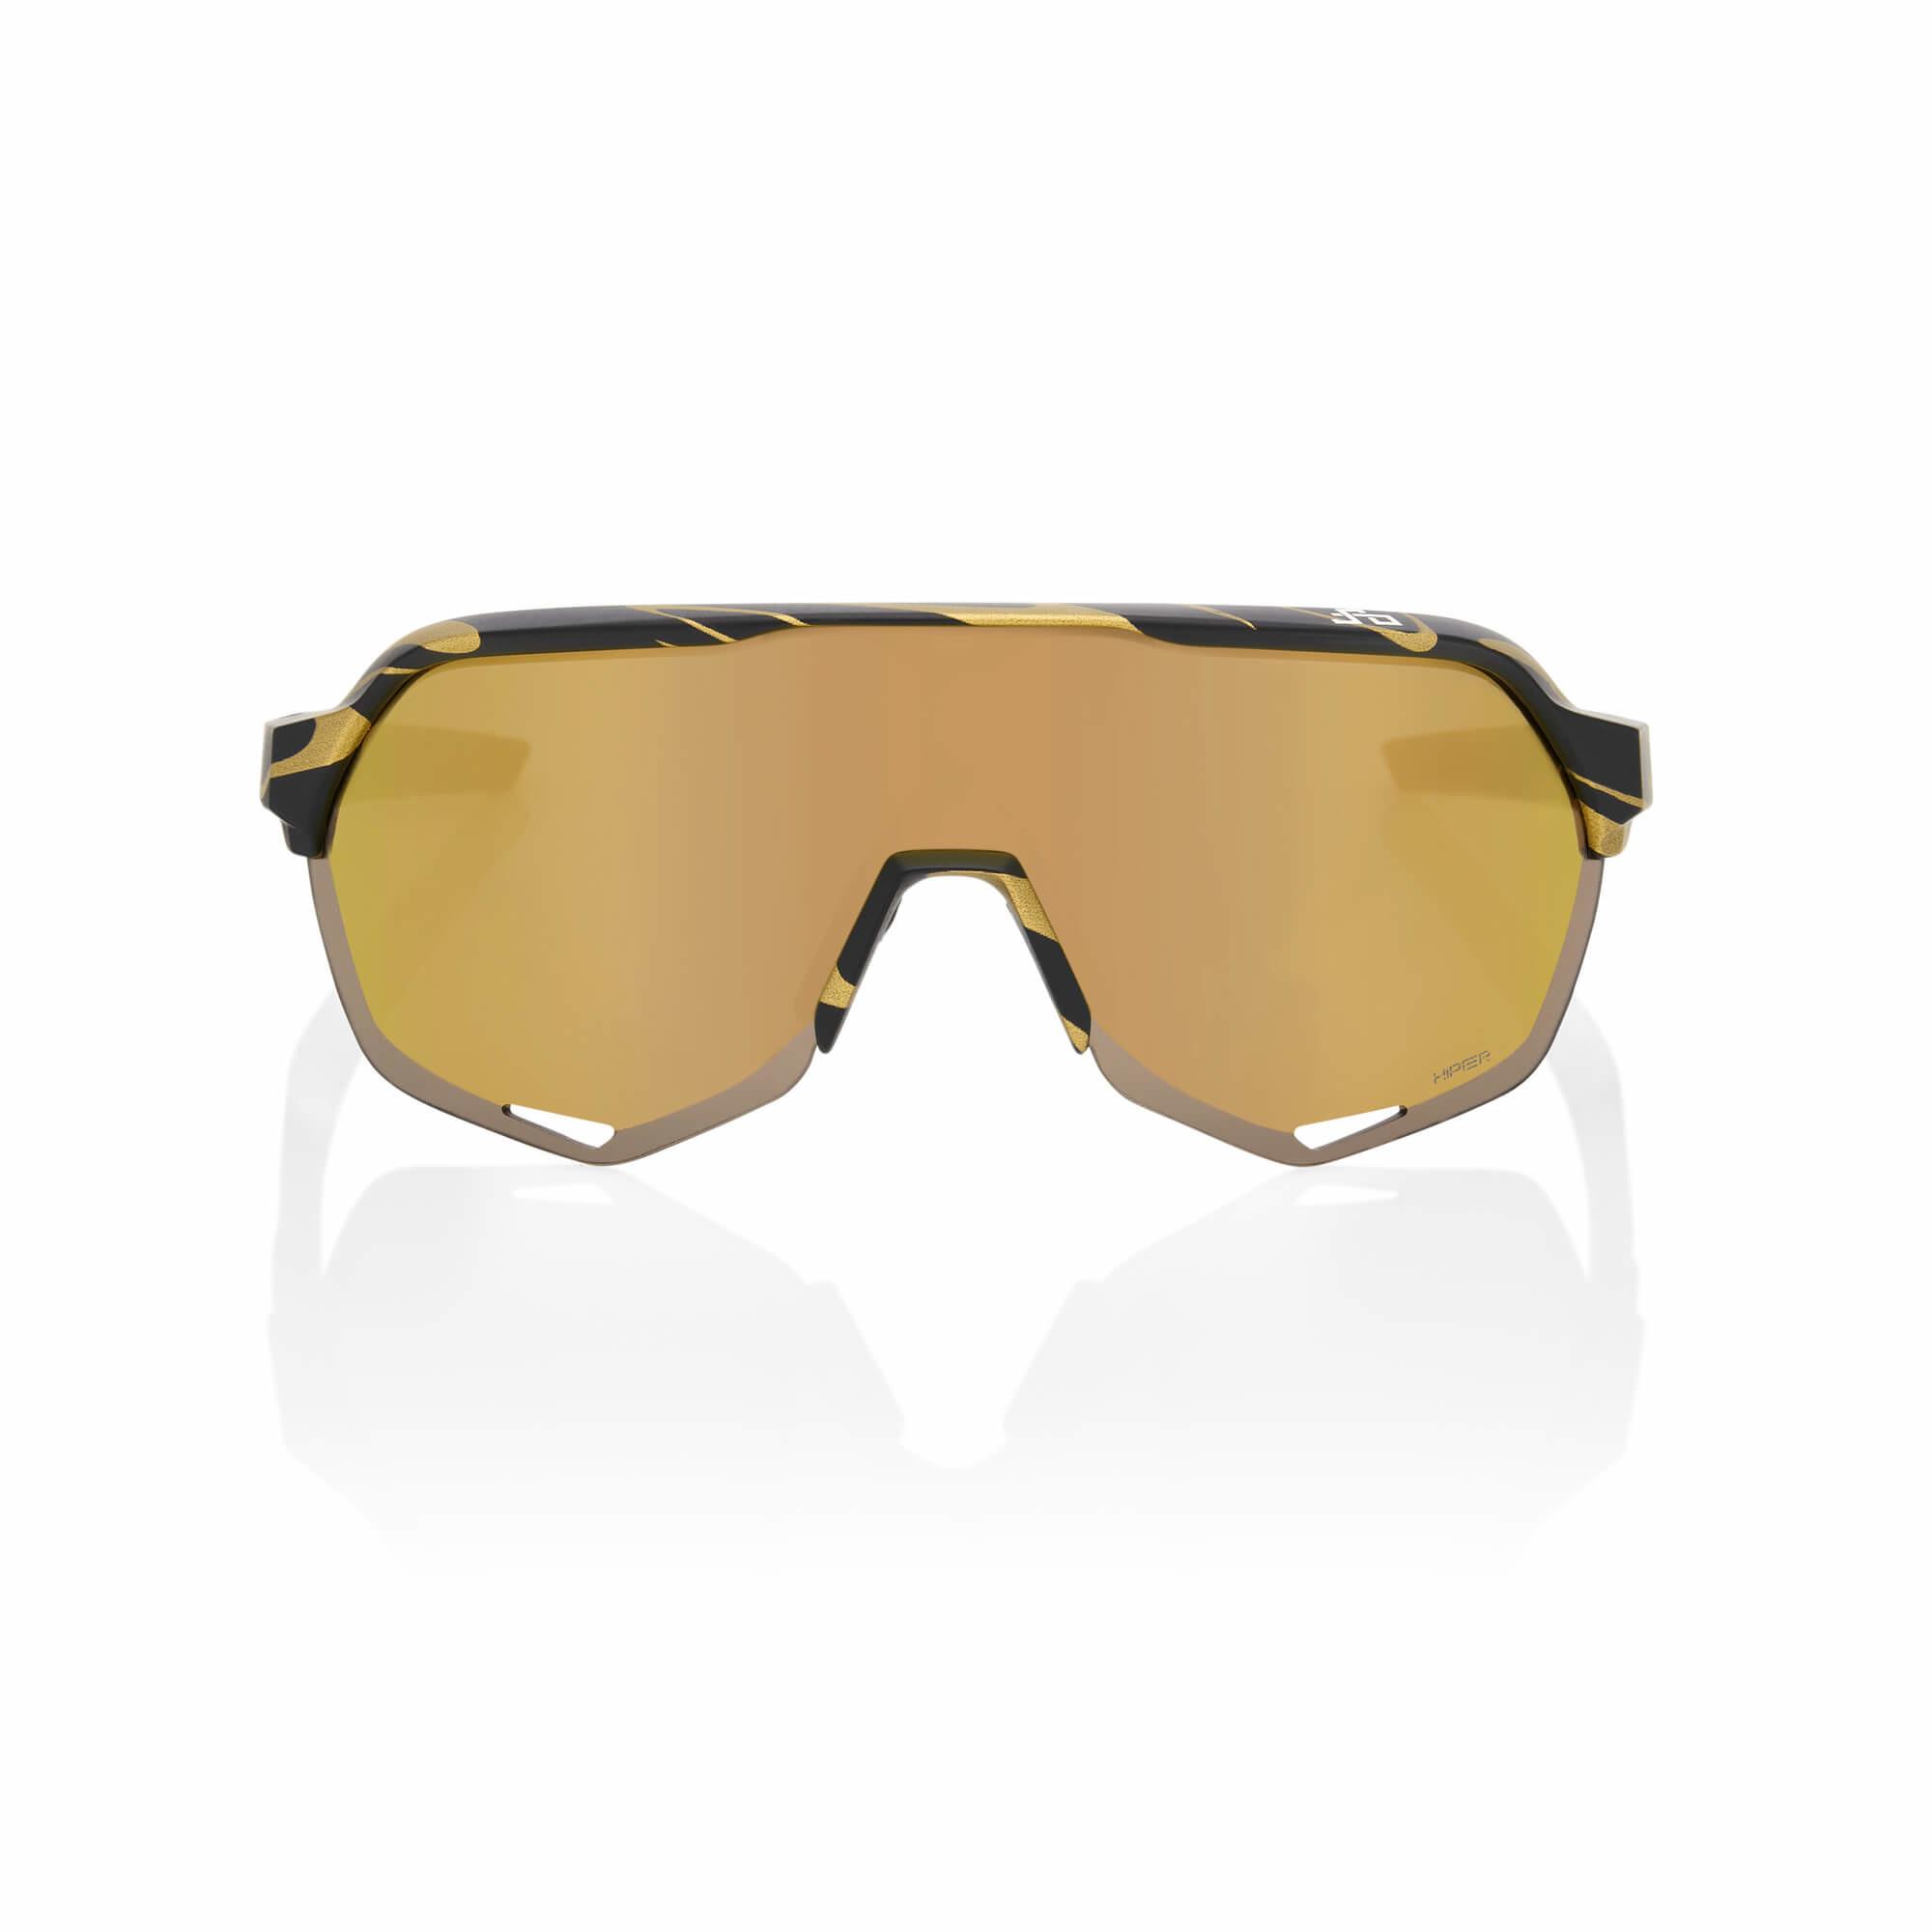 S2 Peter Sagan LE Metallic Gold Flake Hiper Gold Mirror Lens-2